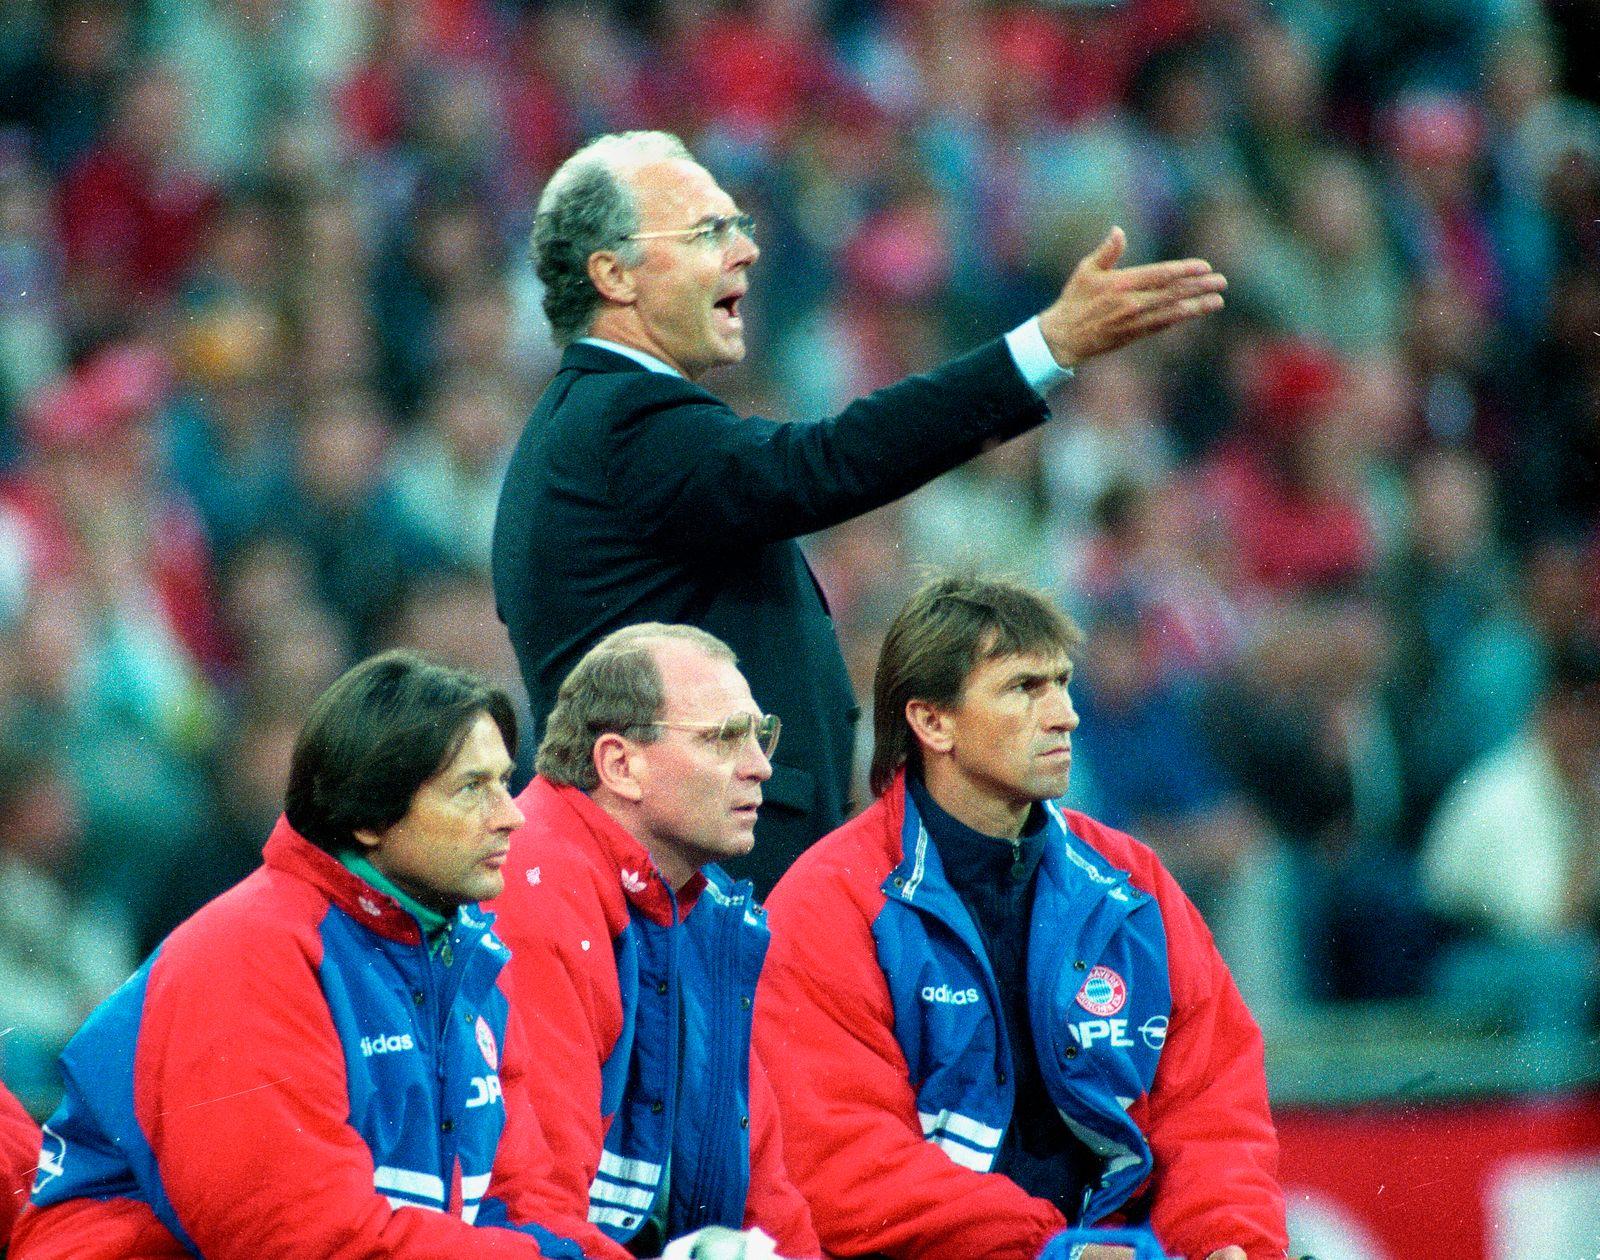 Uefa Cup Finale Hinspiel: Bayern München - Girondins Bordeaux 2:0 am 01.05.1996 / Trainer Franz Beckenbauer (FC Bayern M